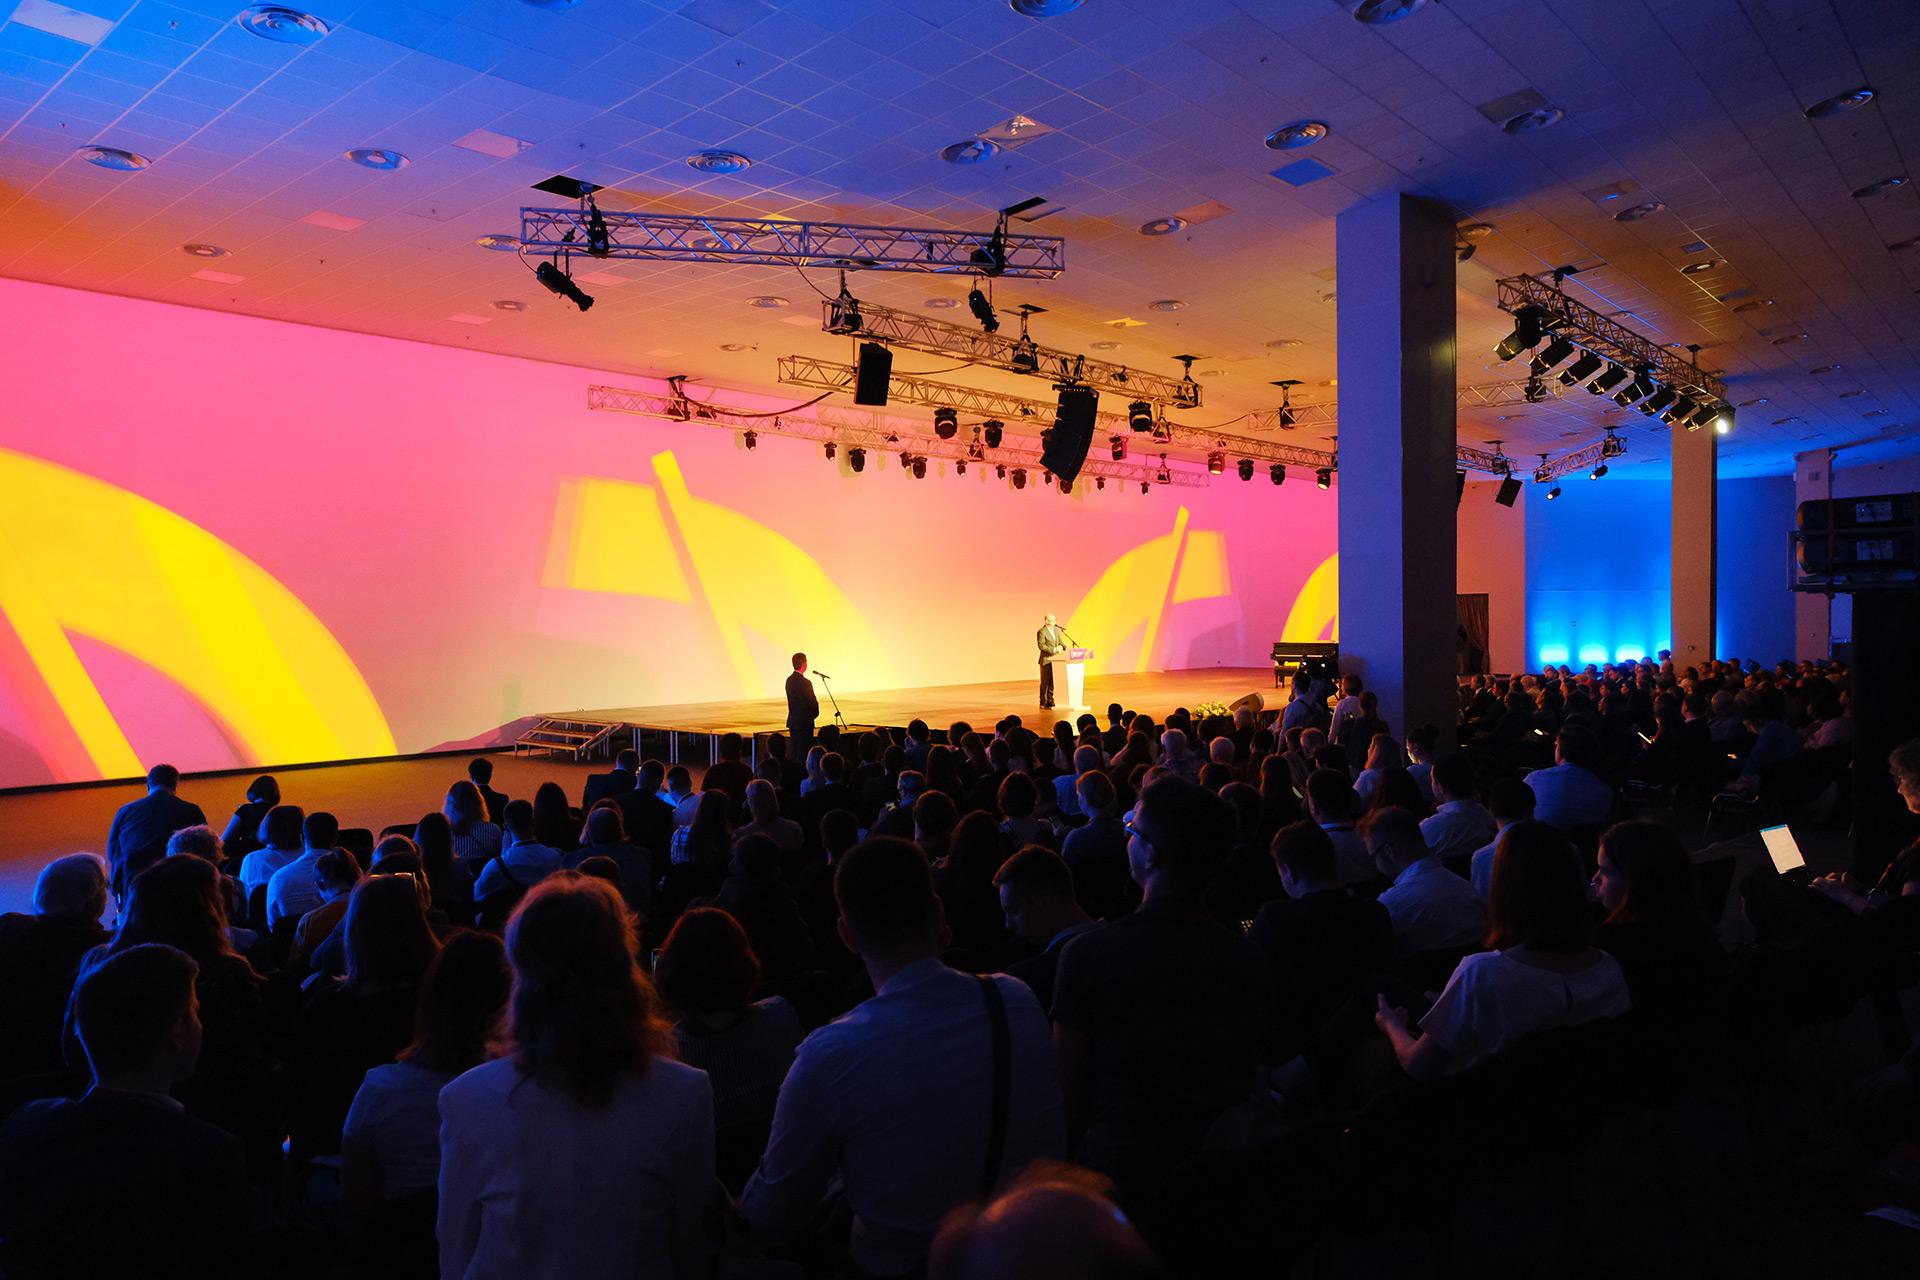 Асгард Брендинг, центр сириус, фирменный стиль, оформление сцены, айдентика, лого, Наука будущего, конференция, дизайн, графический дизайн, средовой дизайн